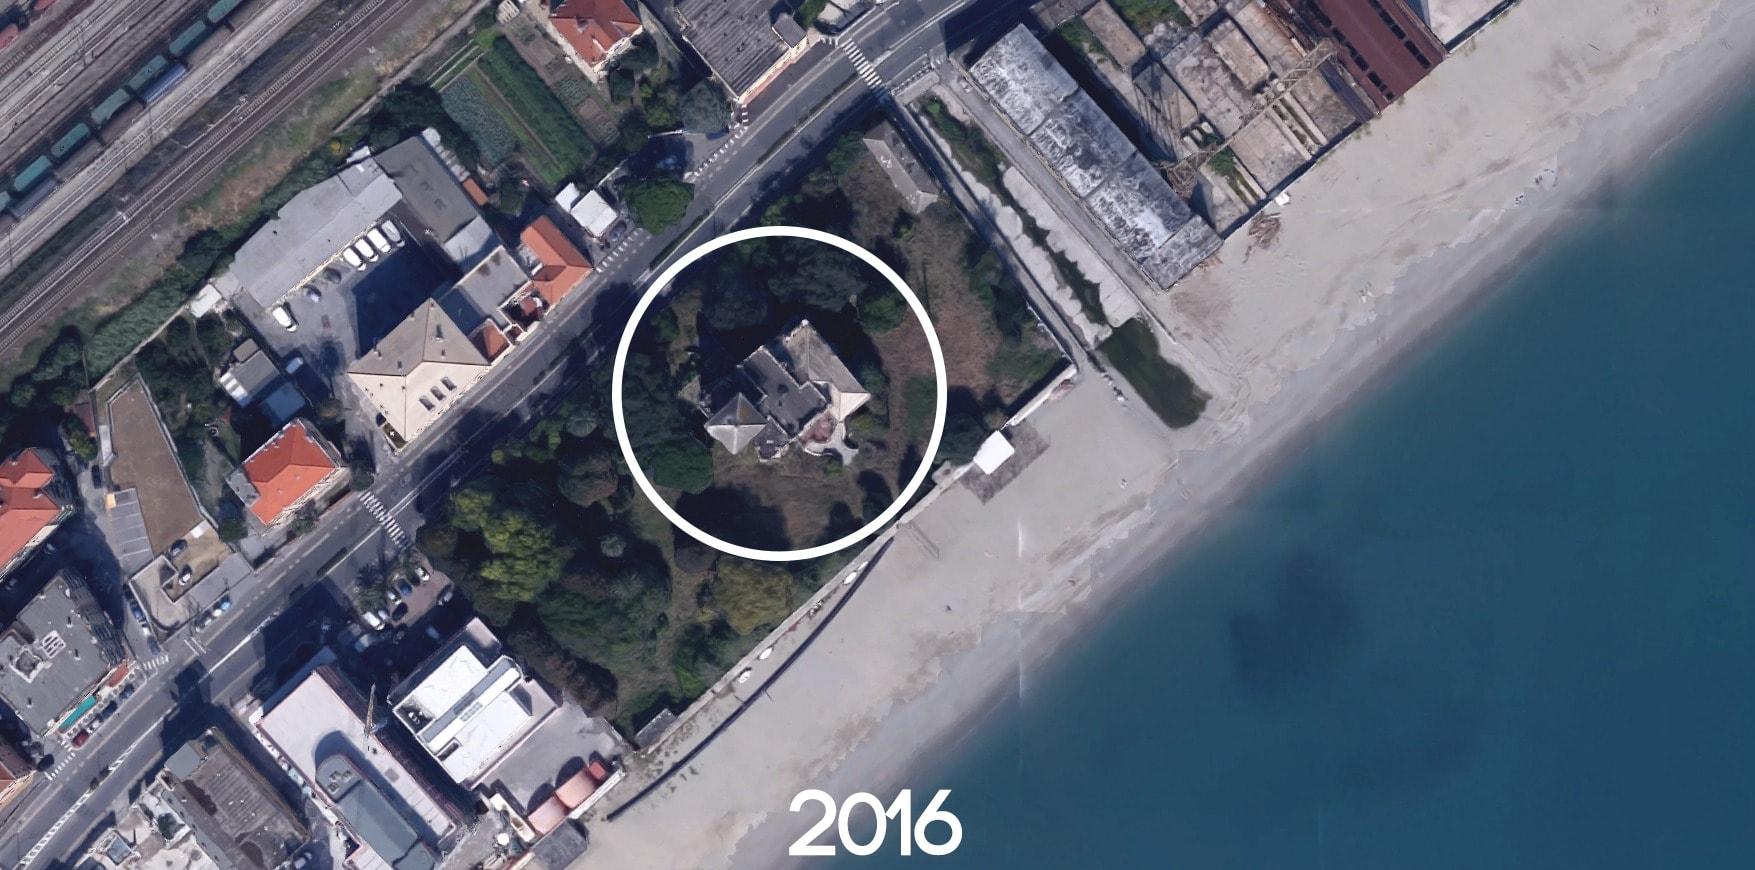 villa-cesare-serviatti-map2016